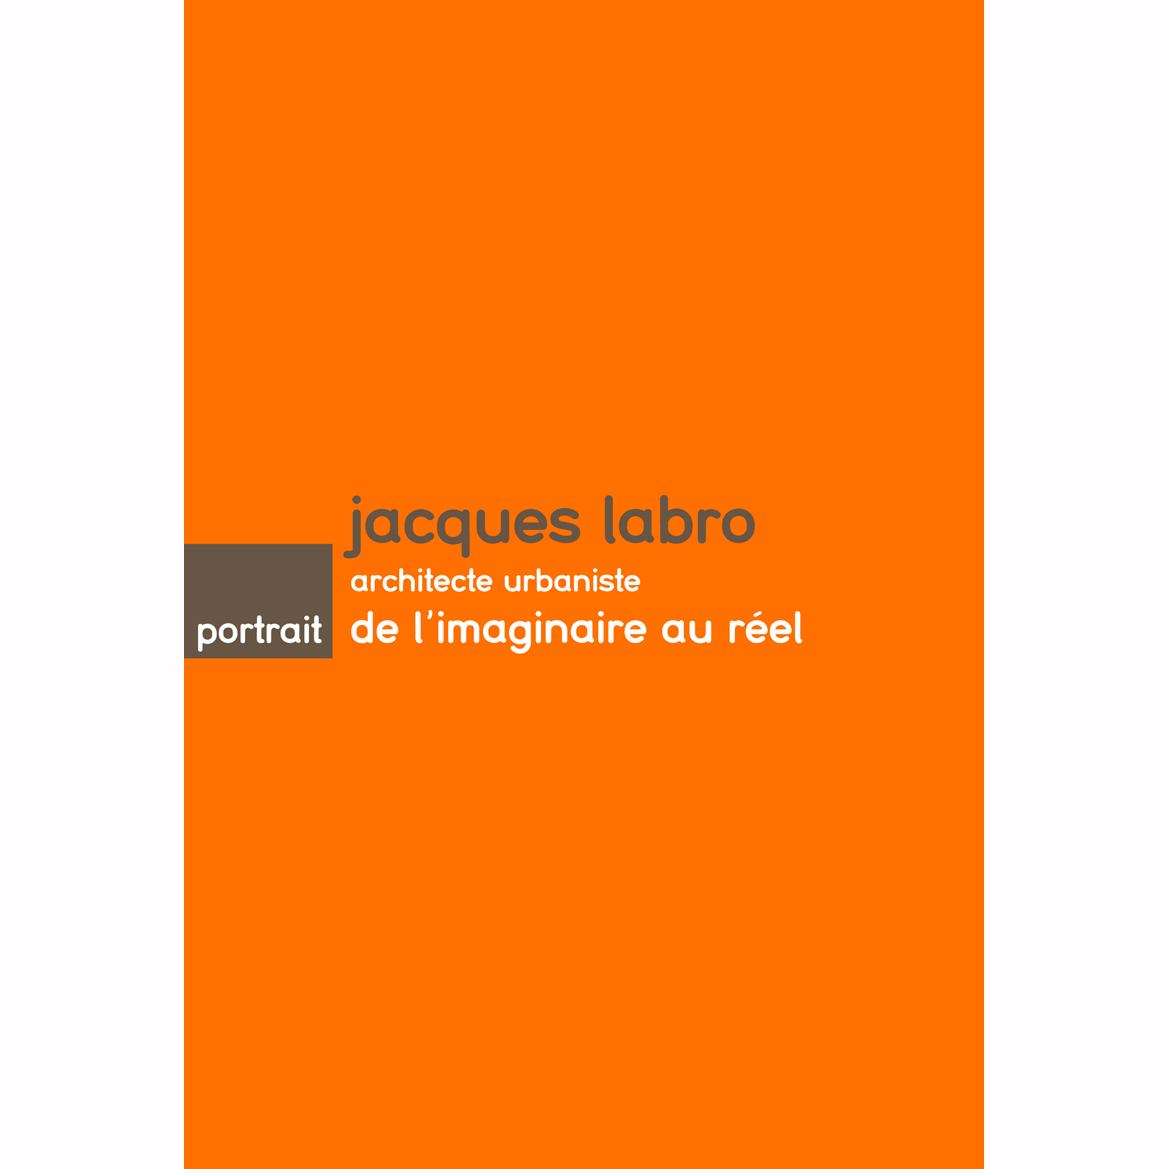 Jacques labro architecte urbaniste de l 39 imaginaire au for Architecte urbaniste de l etat